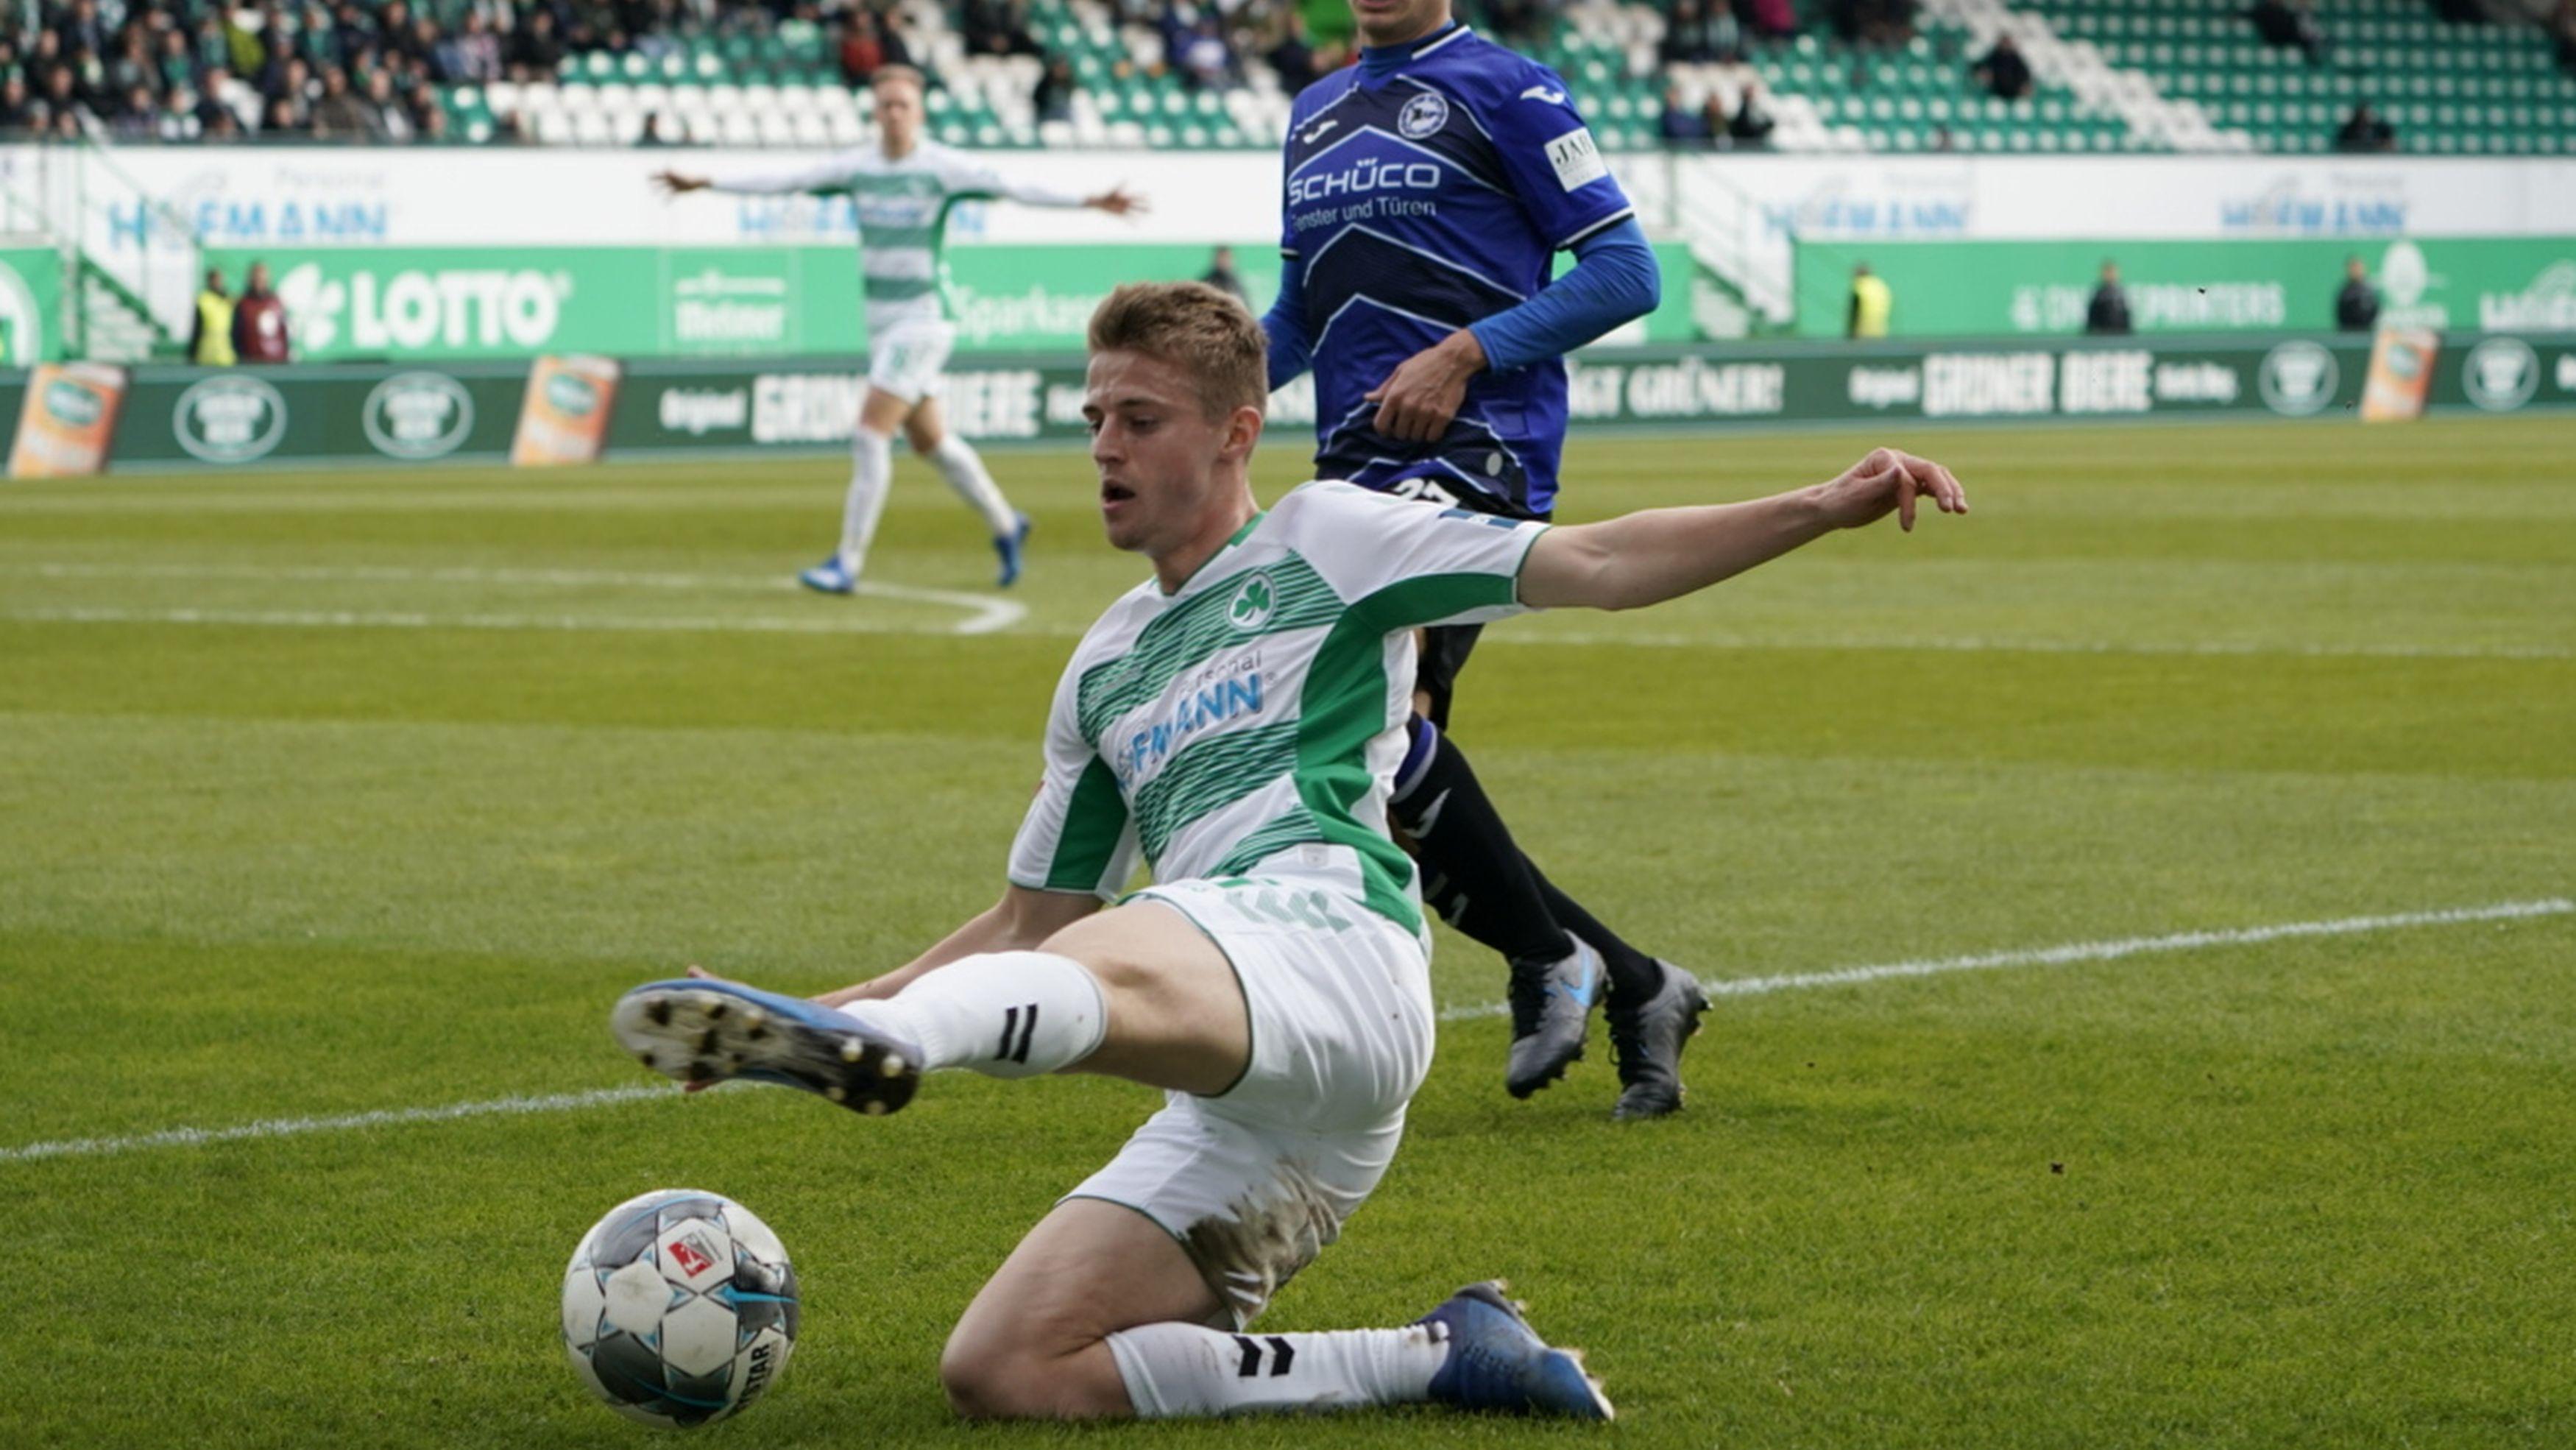 Der Fürther Sebastian Ernst grätscht nach dem Ball, am Ende unterliegt er den Bielefeldern.